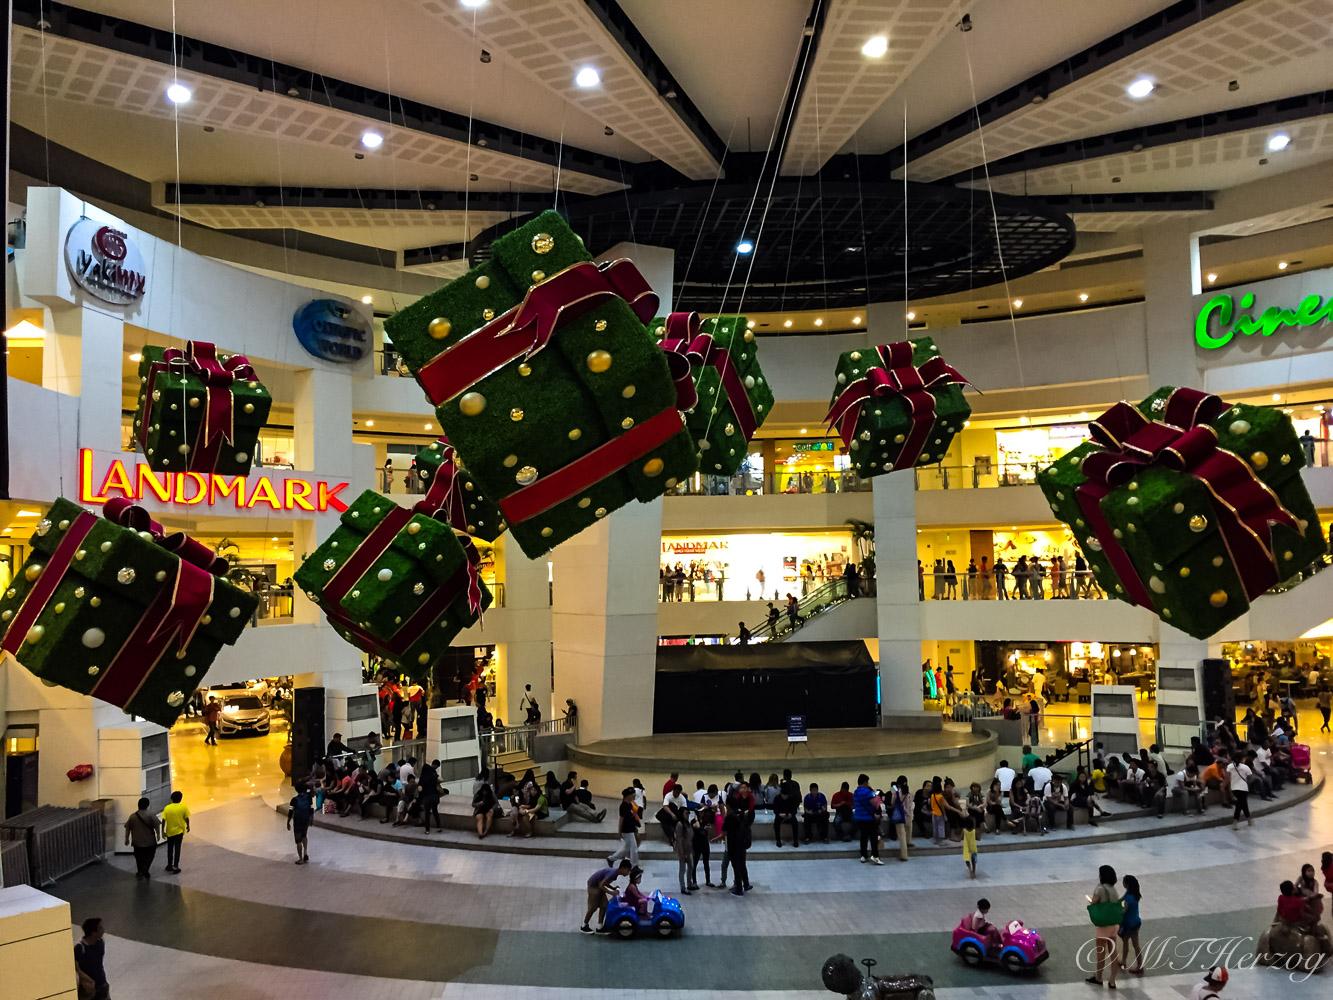 Weihnachtsgedicht Tannenbaum.Das Denglische Weihnachtsgedicht The Denglish Christmas Poem